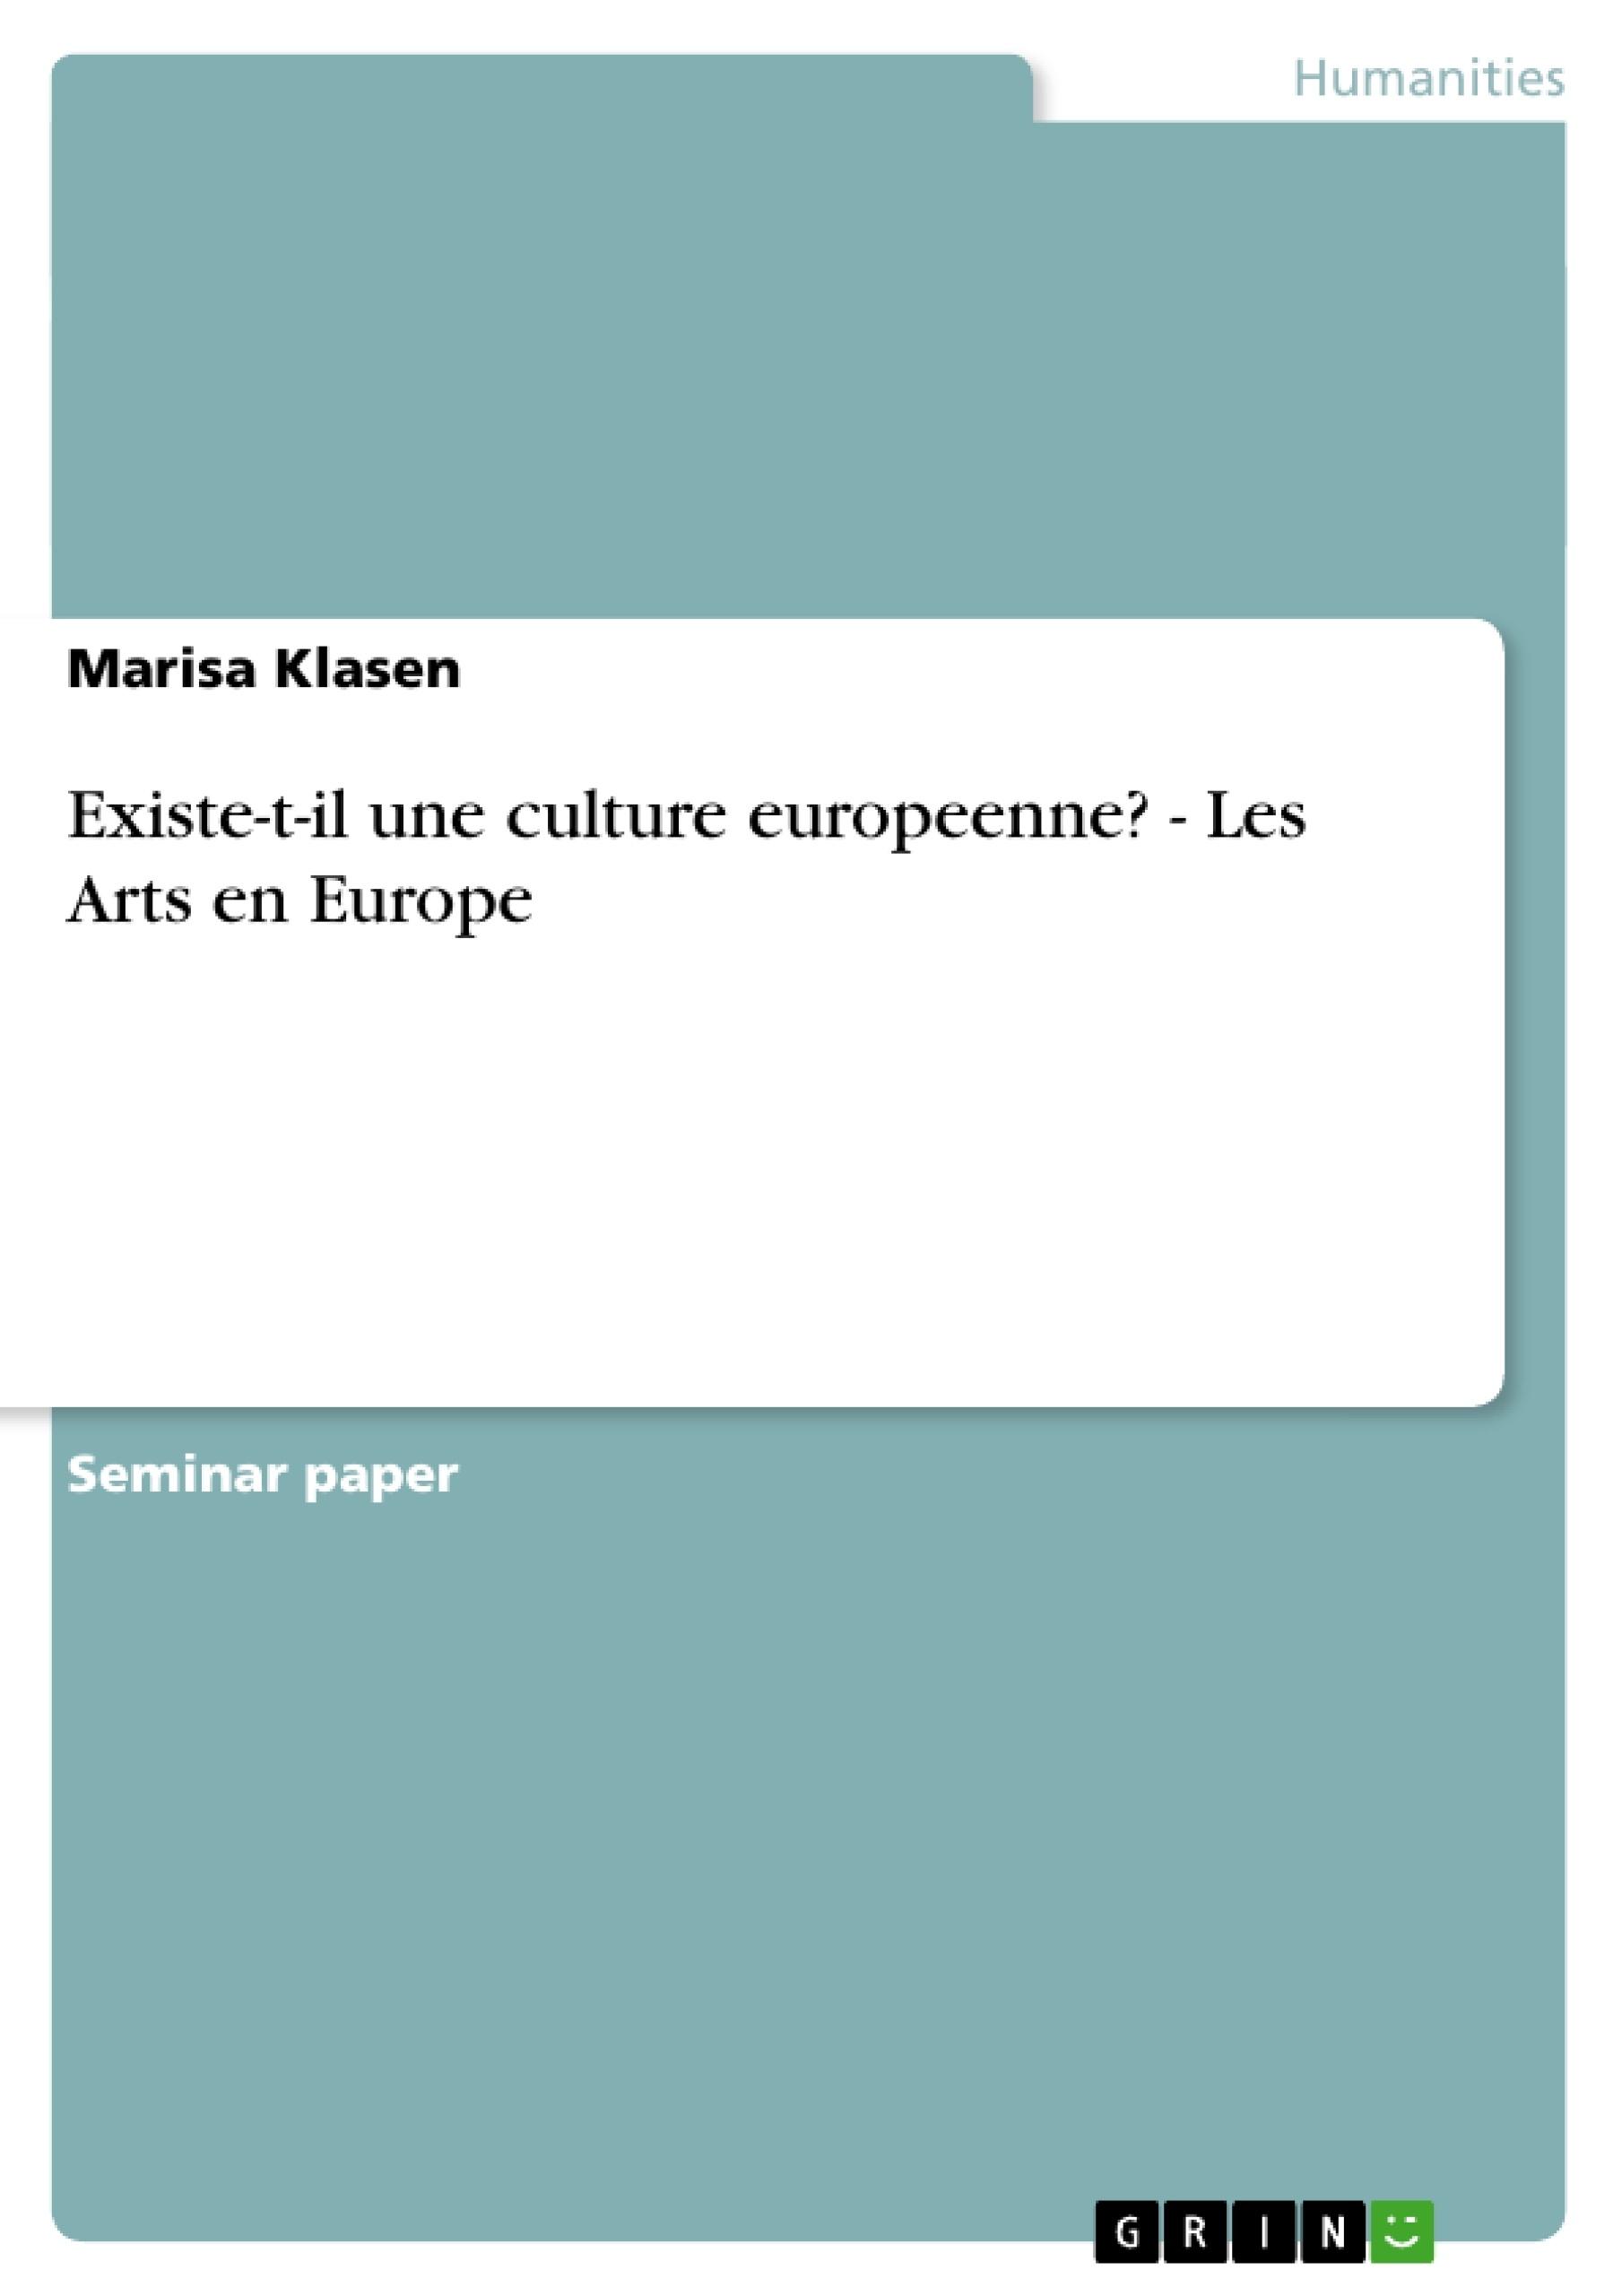 Titre: Existe-t-il une culture europeenne? - Les Arts en Europe